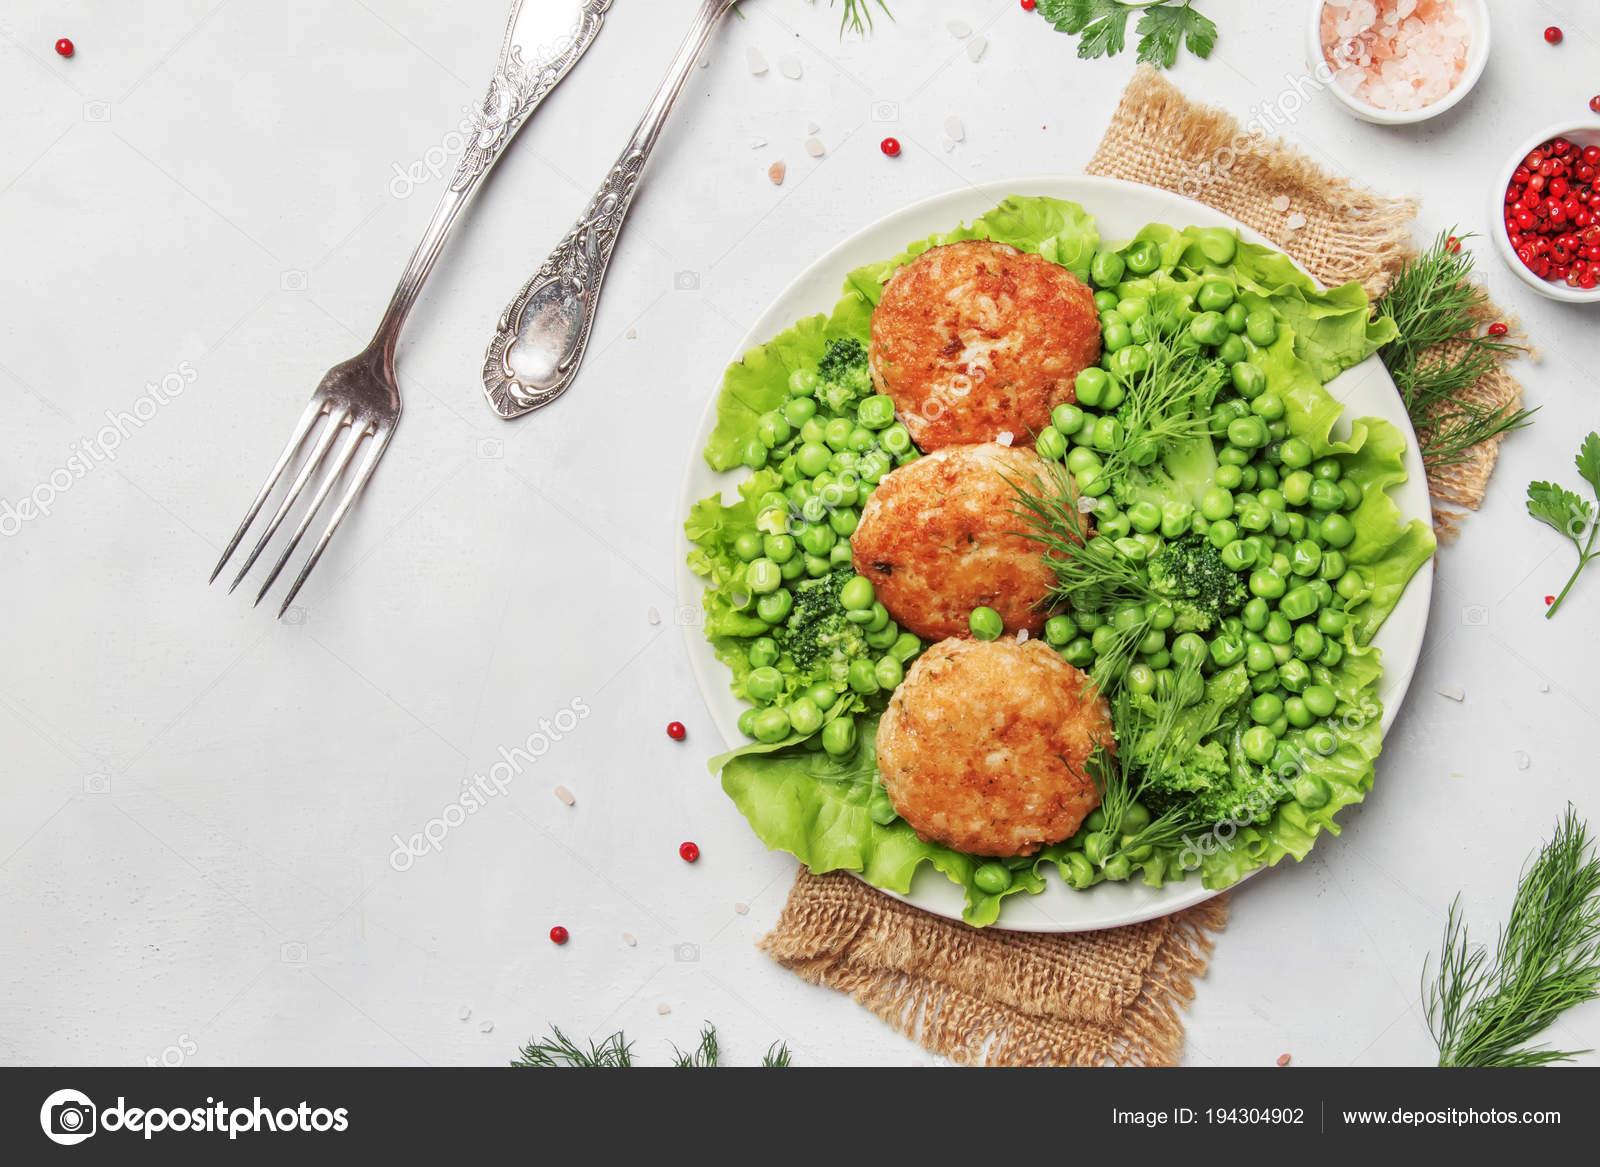 dieta di pesce bianco e broccoli